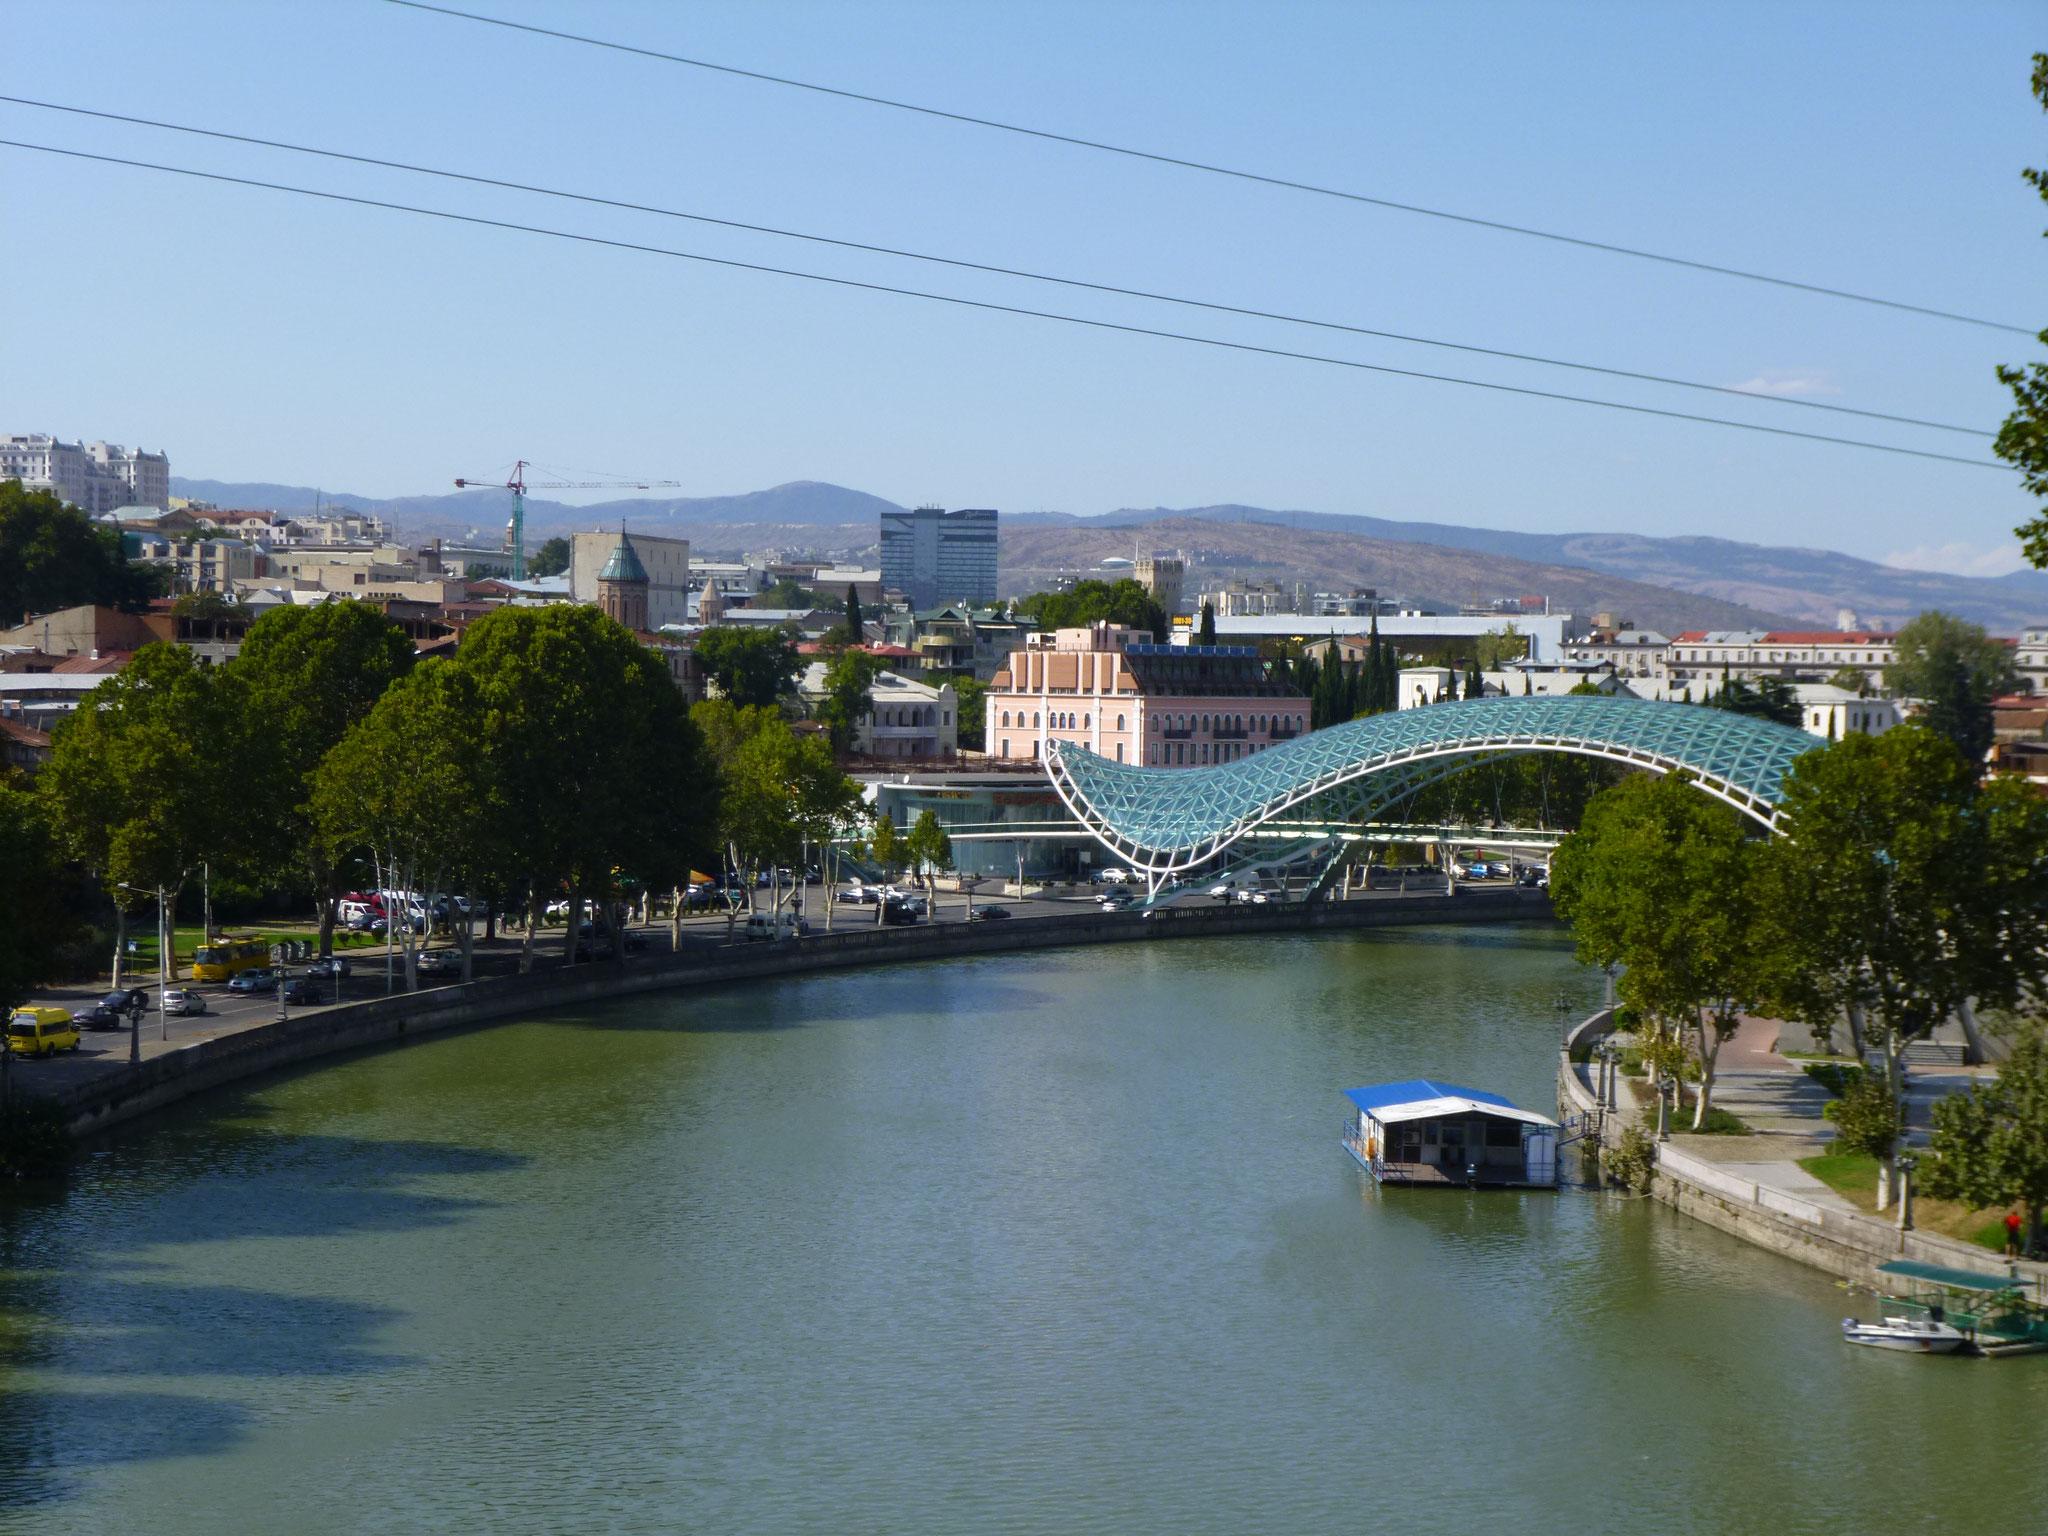 Kura mit Friedensbrücke